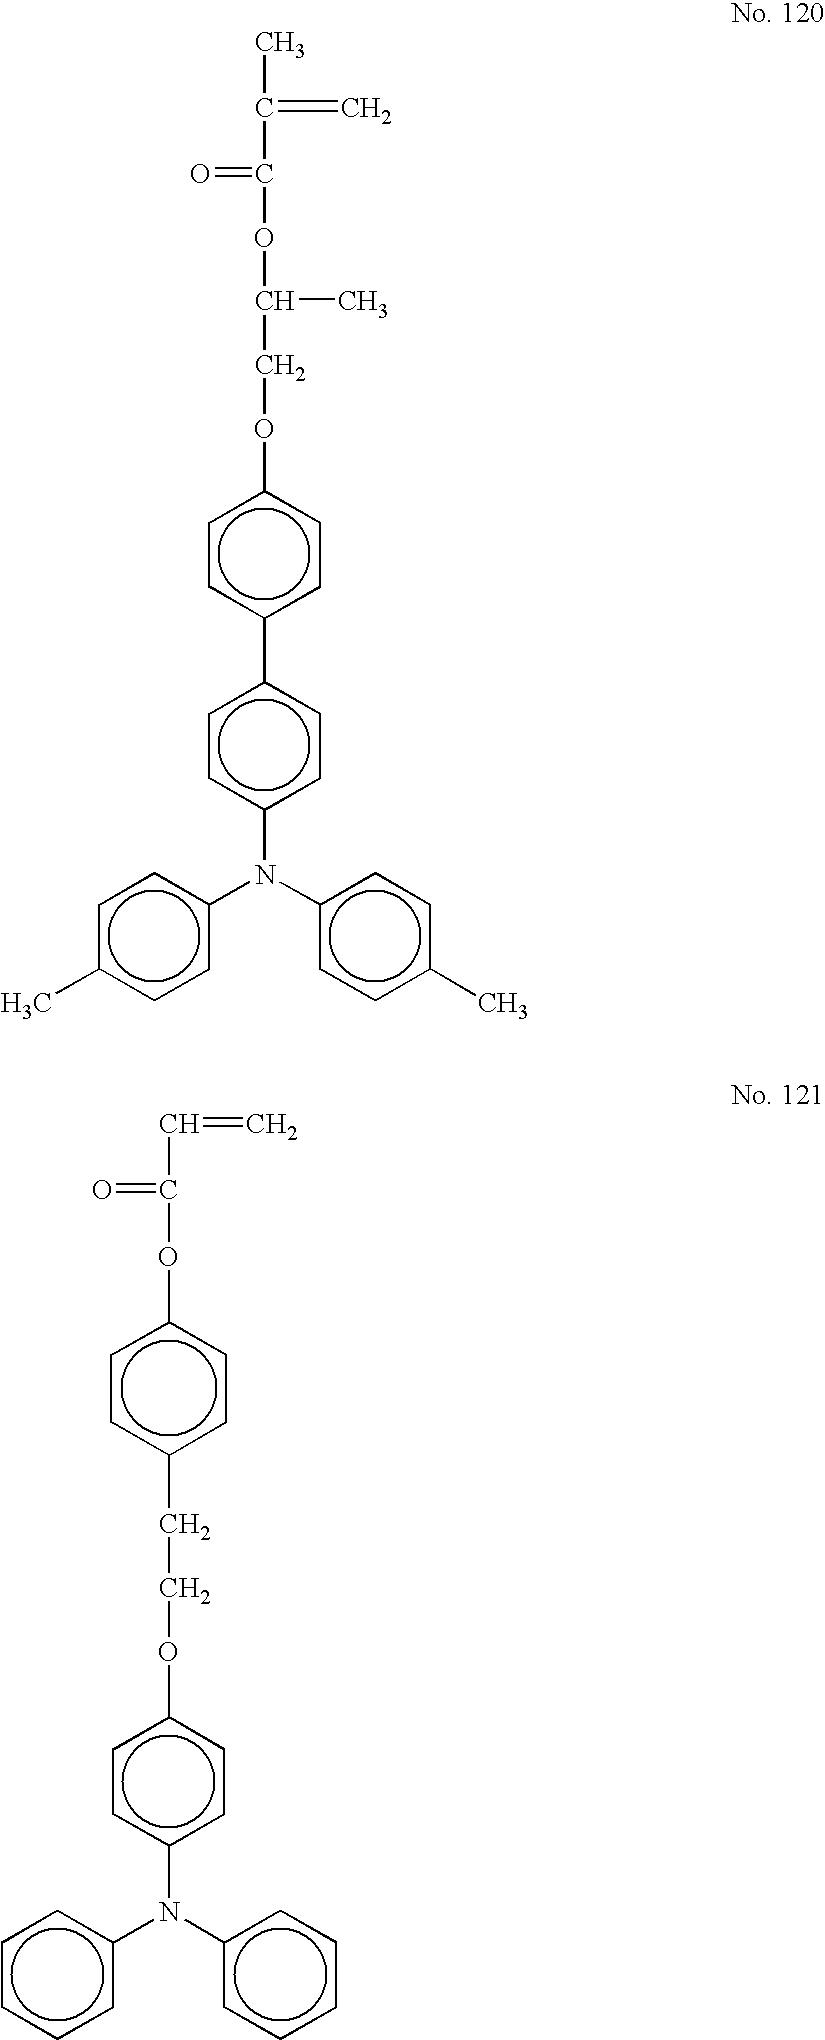 Figure US20050158641A1-20050721-C00055